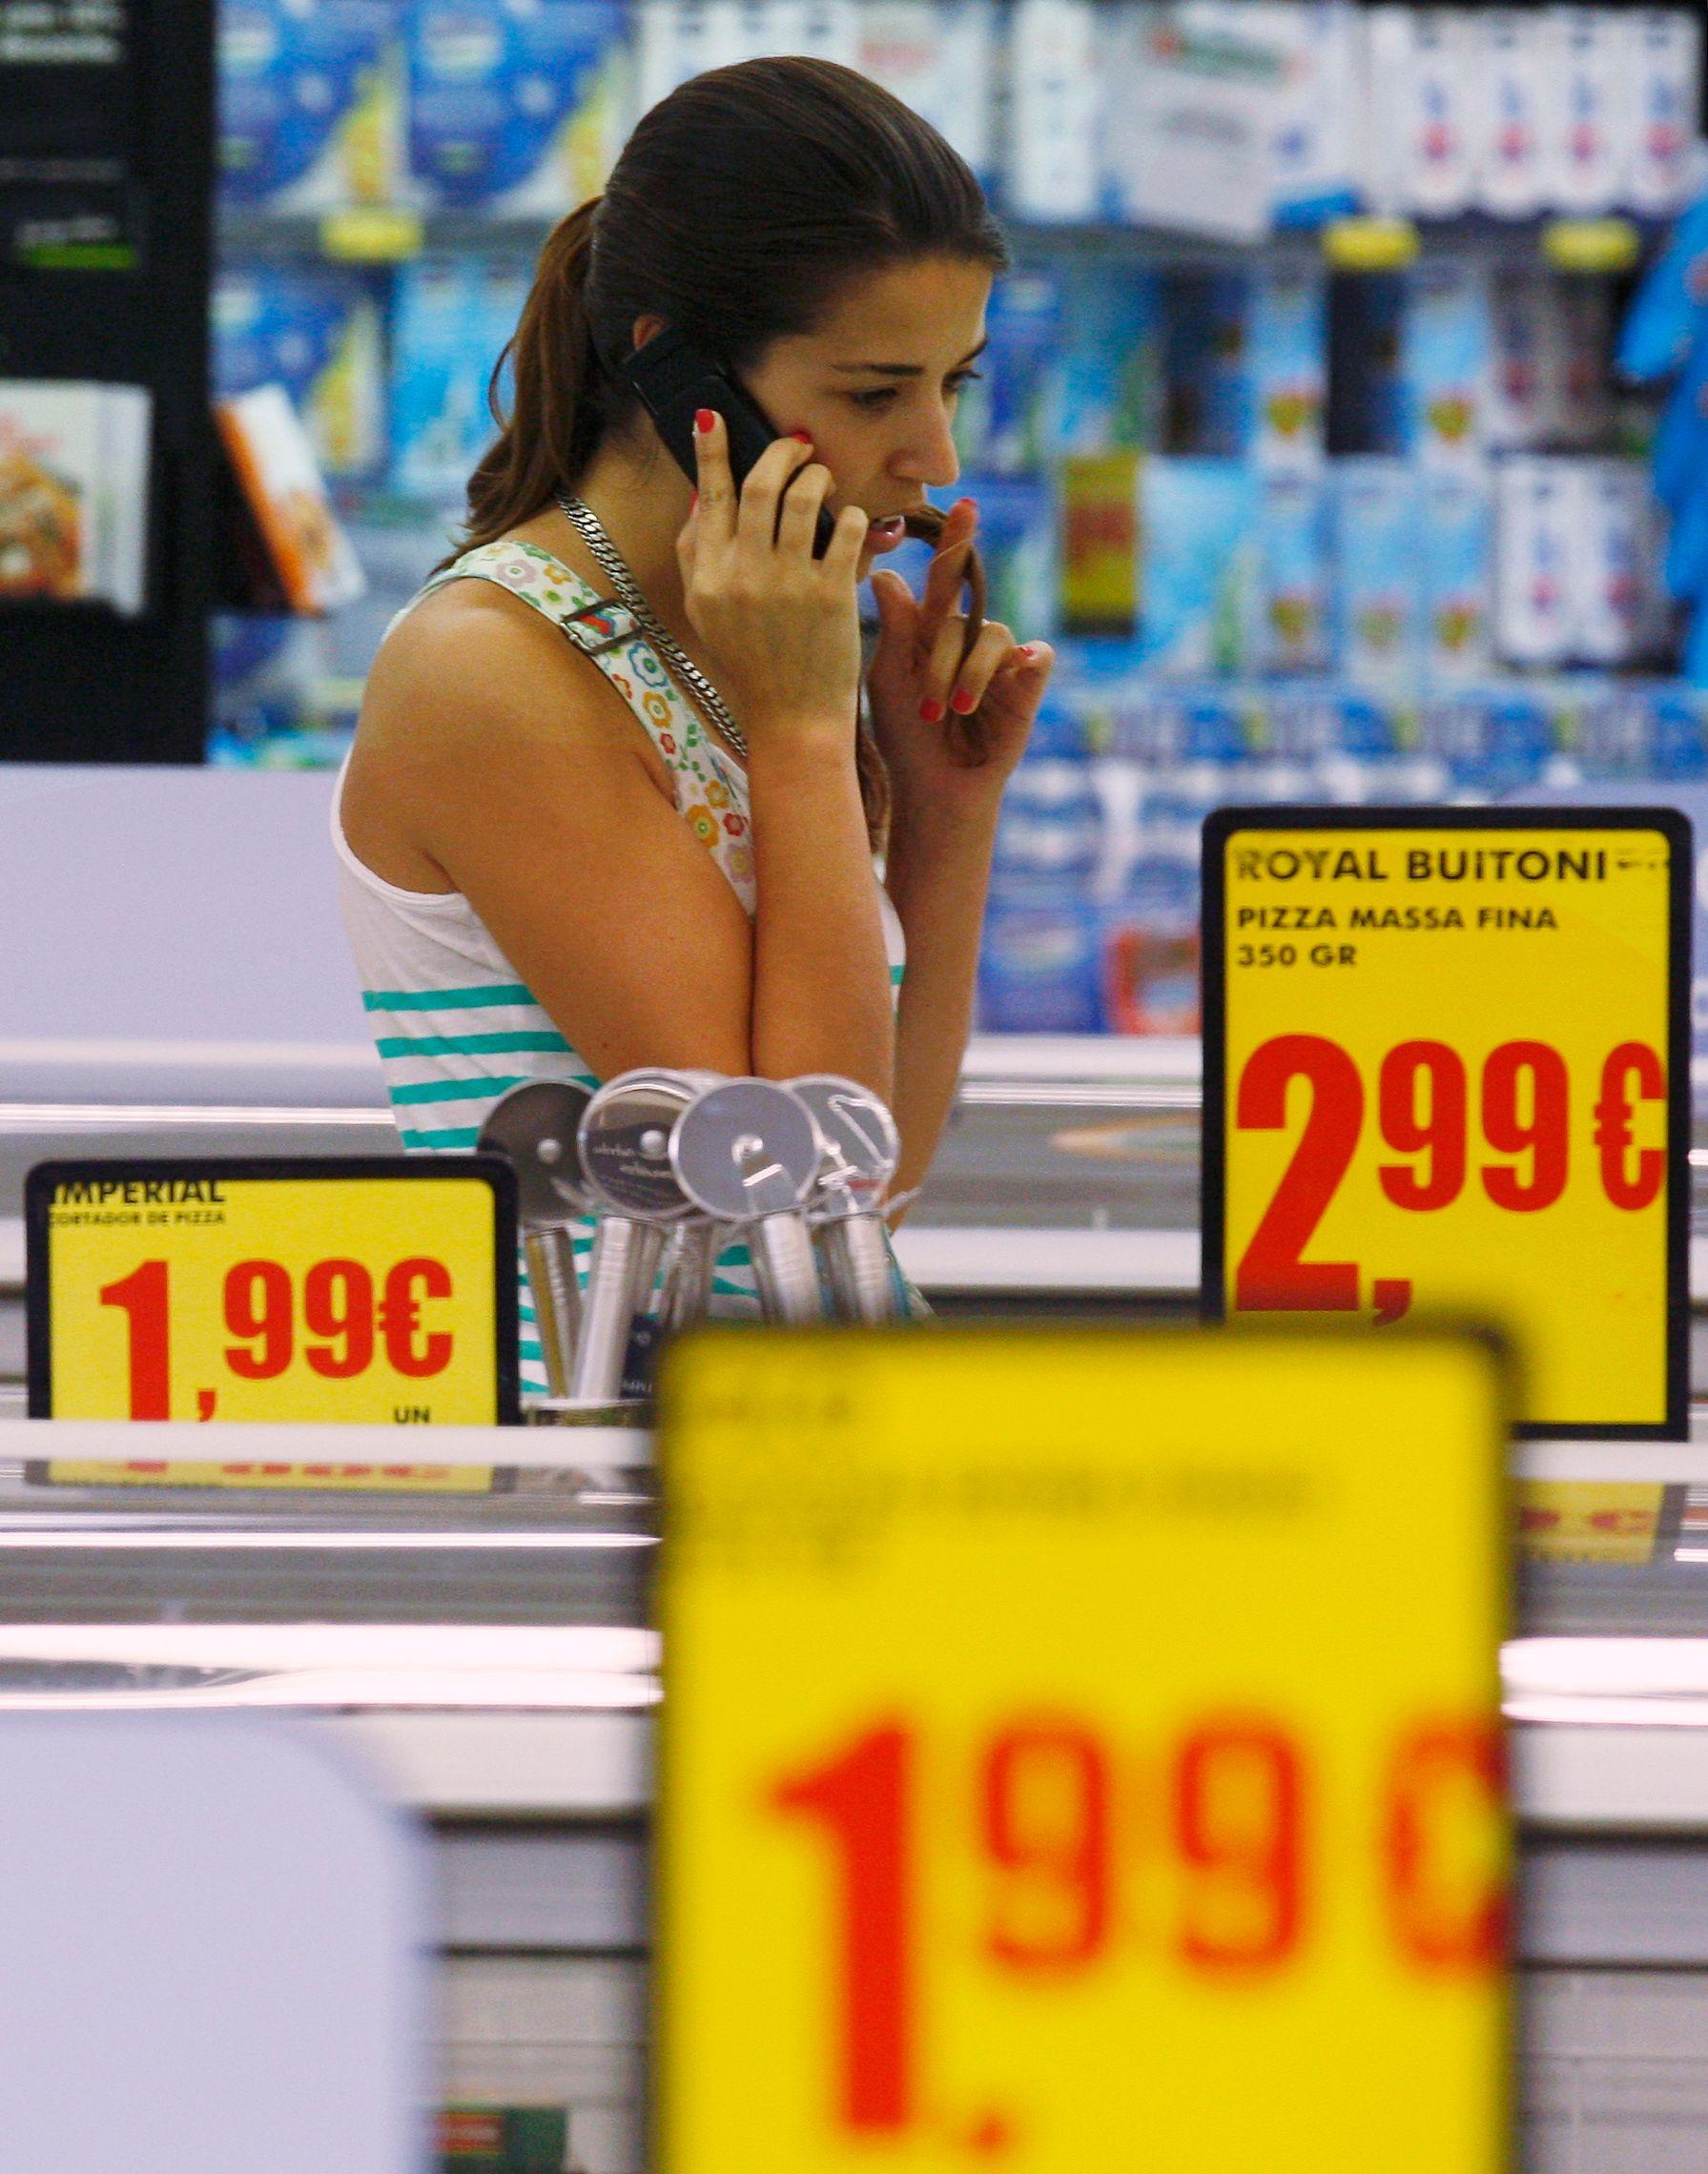 Pas d'envolée des prix depuis l'arrivée de l'euro contrairement à ce qu'affirme Marine Le Pen : une histoire de l'inflation depuis 1985